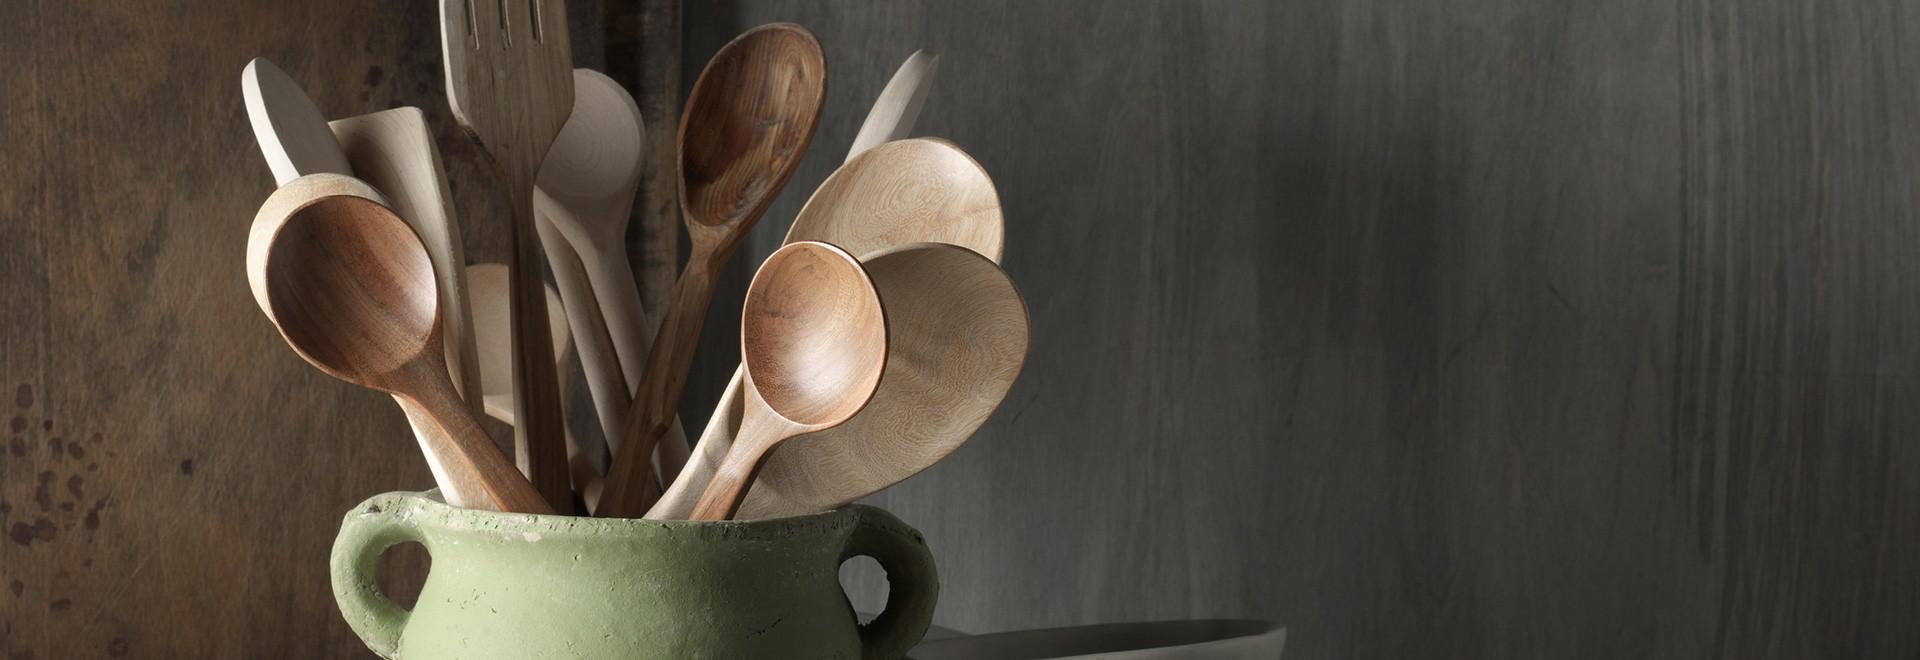 Ustensiles de cuisine : portrait des matériaux dont ils sont composés